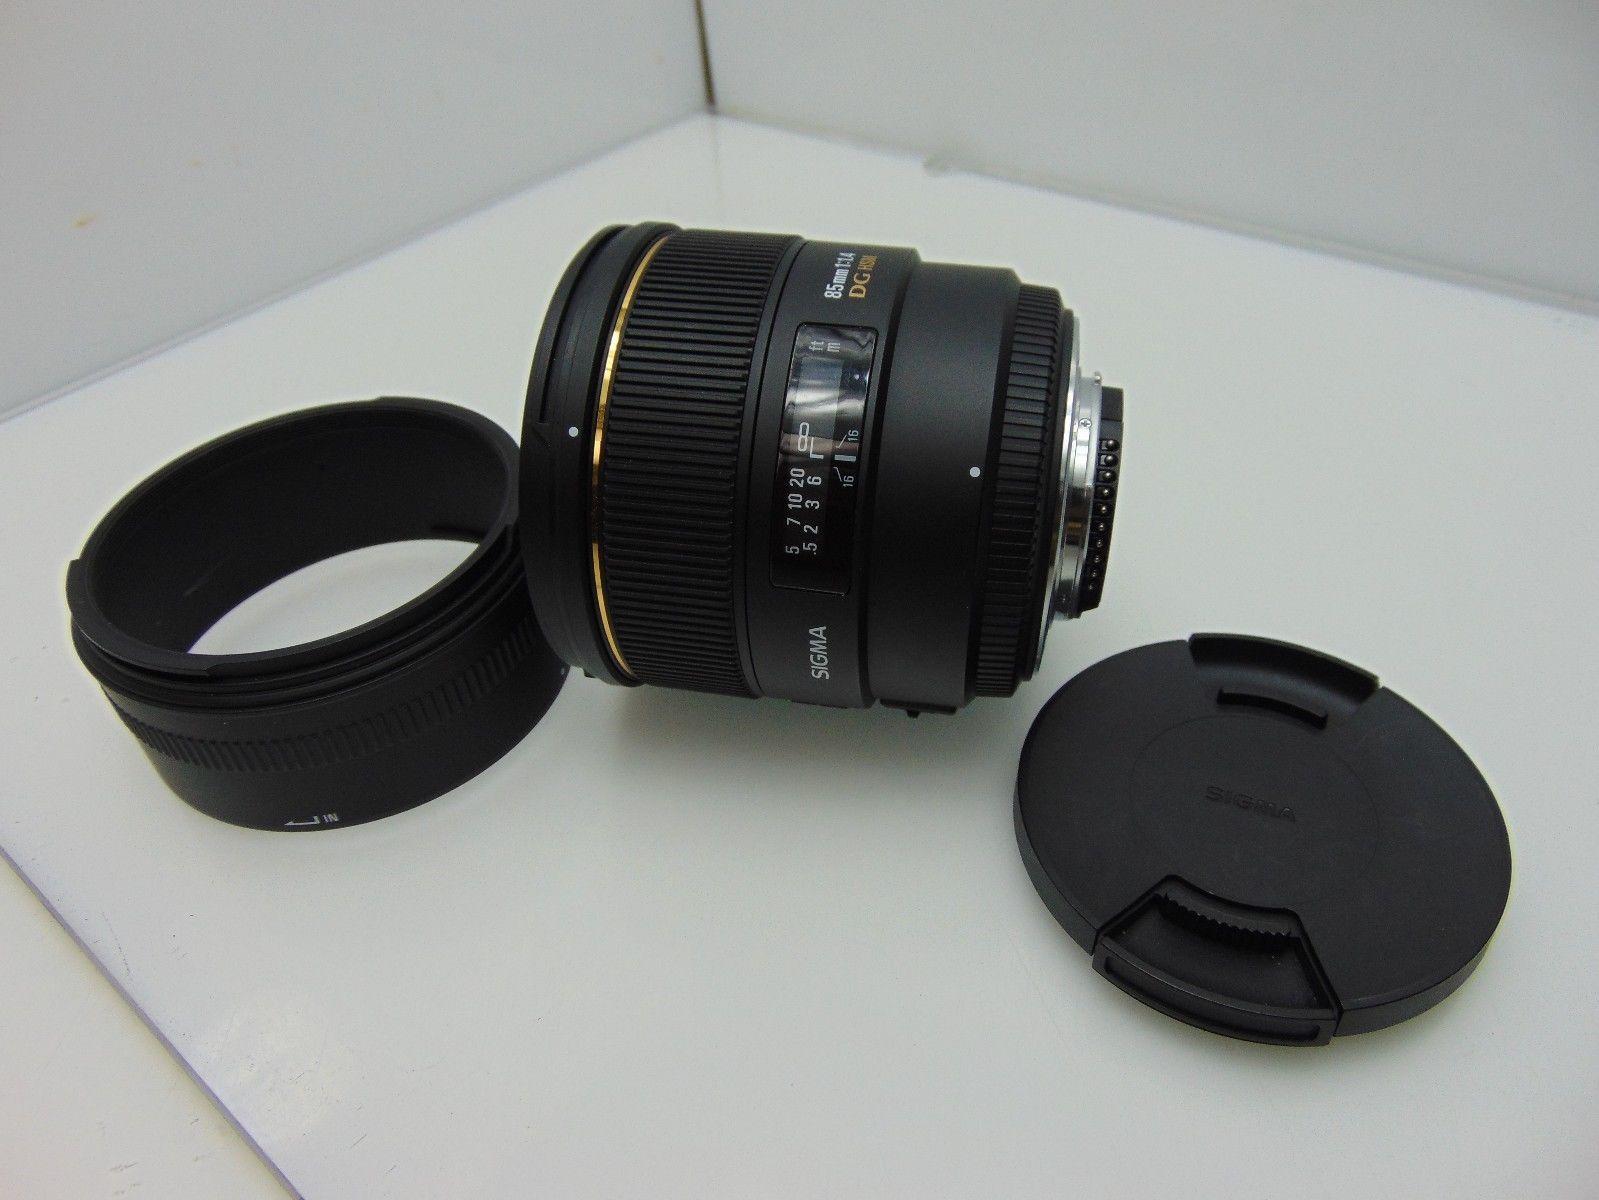 Sigma 85mm f/1.4 EX DG HSM Large Aperture Medium Telephoto Prime Lens Nikon https://t.co/jhbwHUkRX8 https://t.co/fNQRqTdVbb